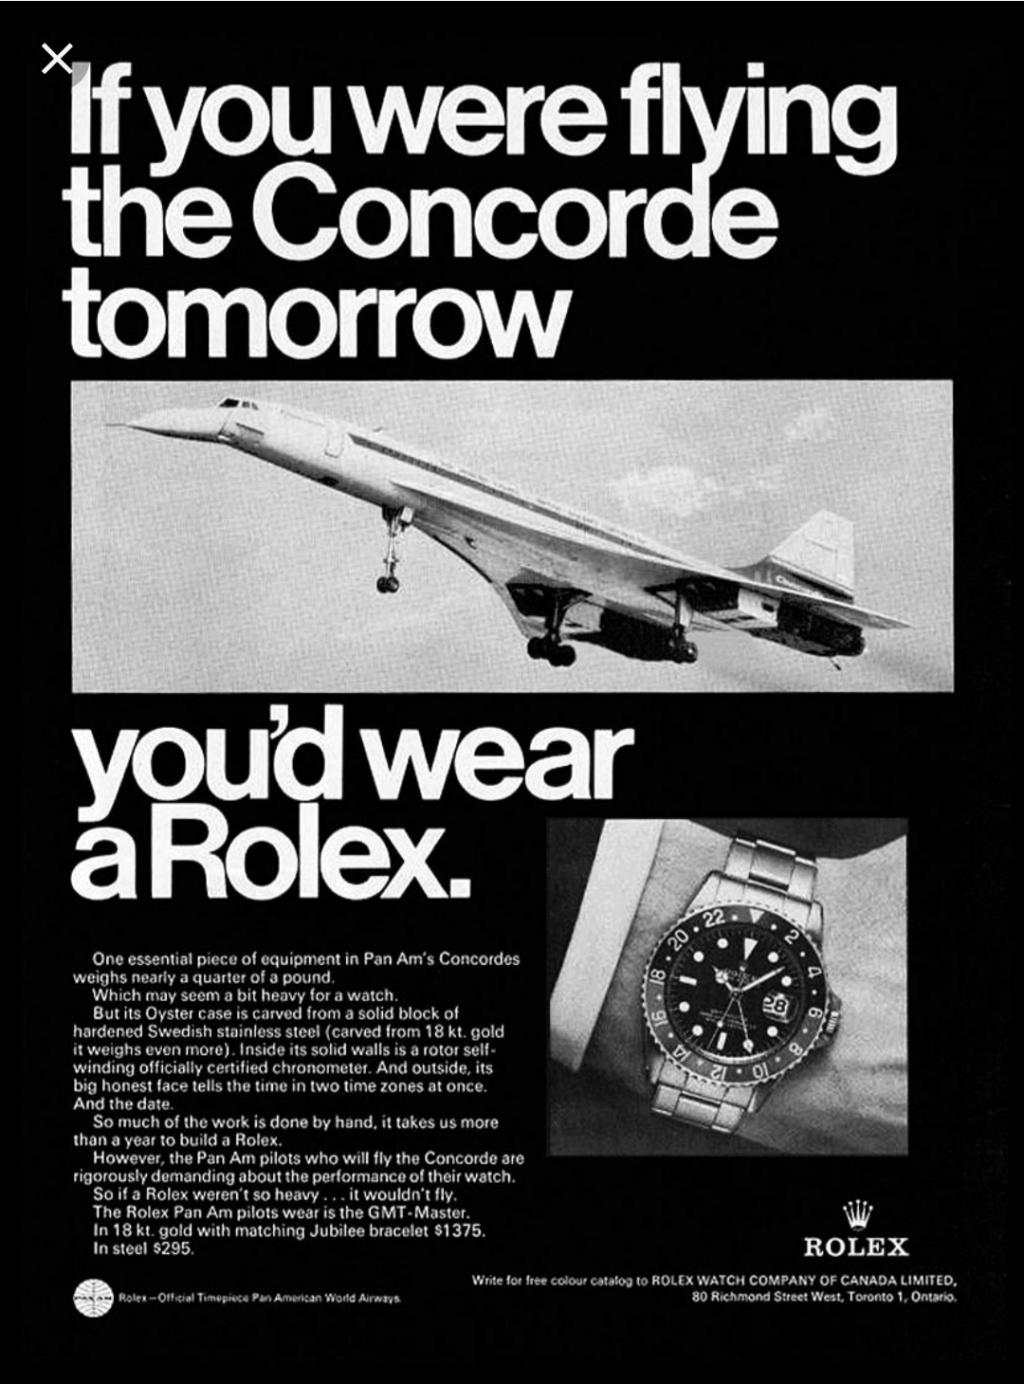 Le Concorde et les montres - Page 3 Screen36